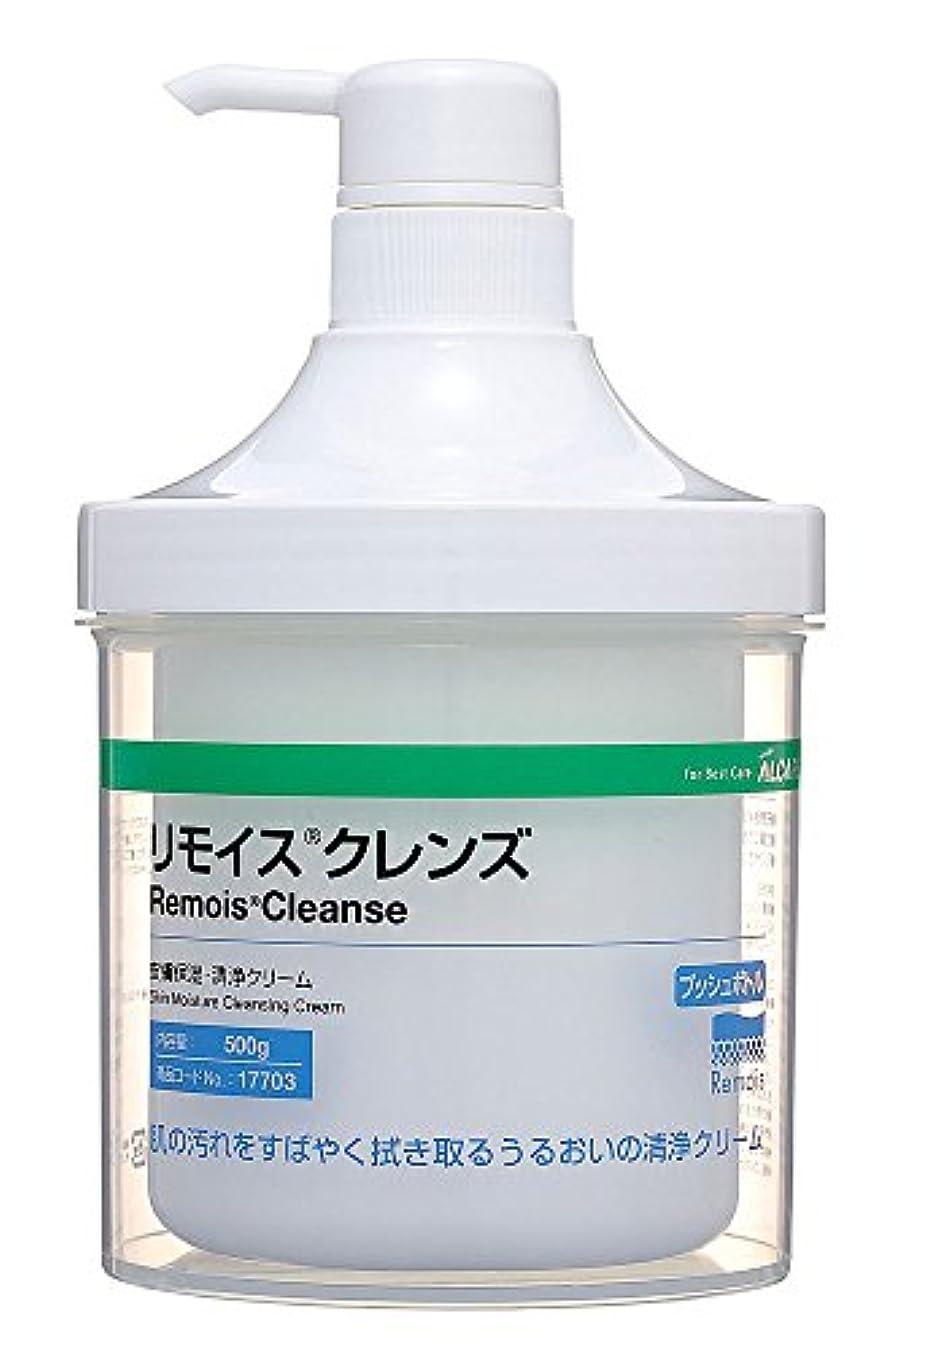 家庭脇に二層アルケア リモイスクレンズ 皮膚保湿?清浄クリーム 17703 プッシュボトル 500g